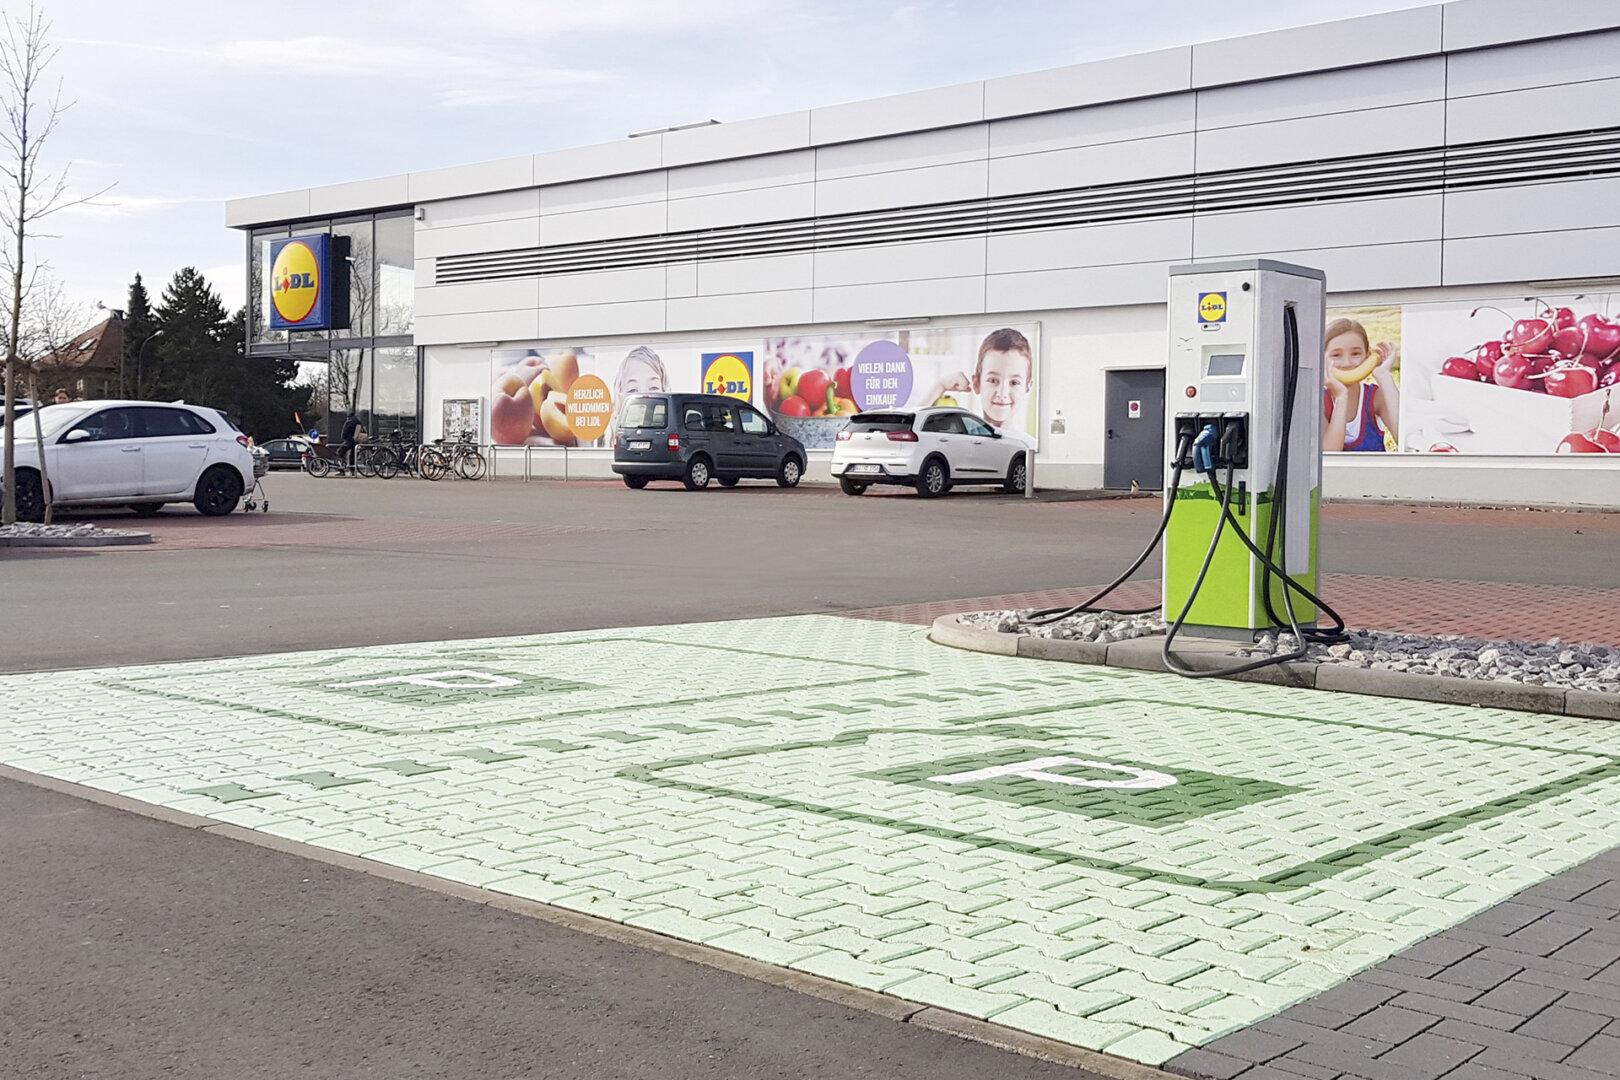 Grüne Ladesäule auf einem Lidl Parkplatz.